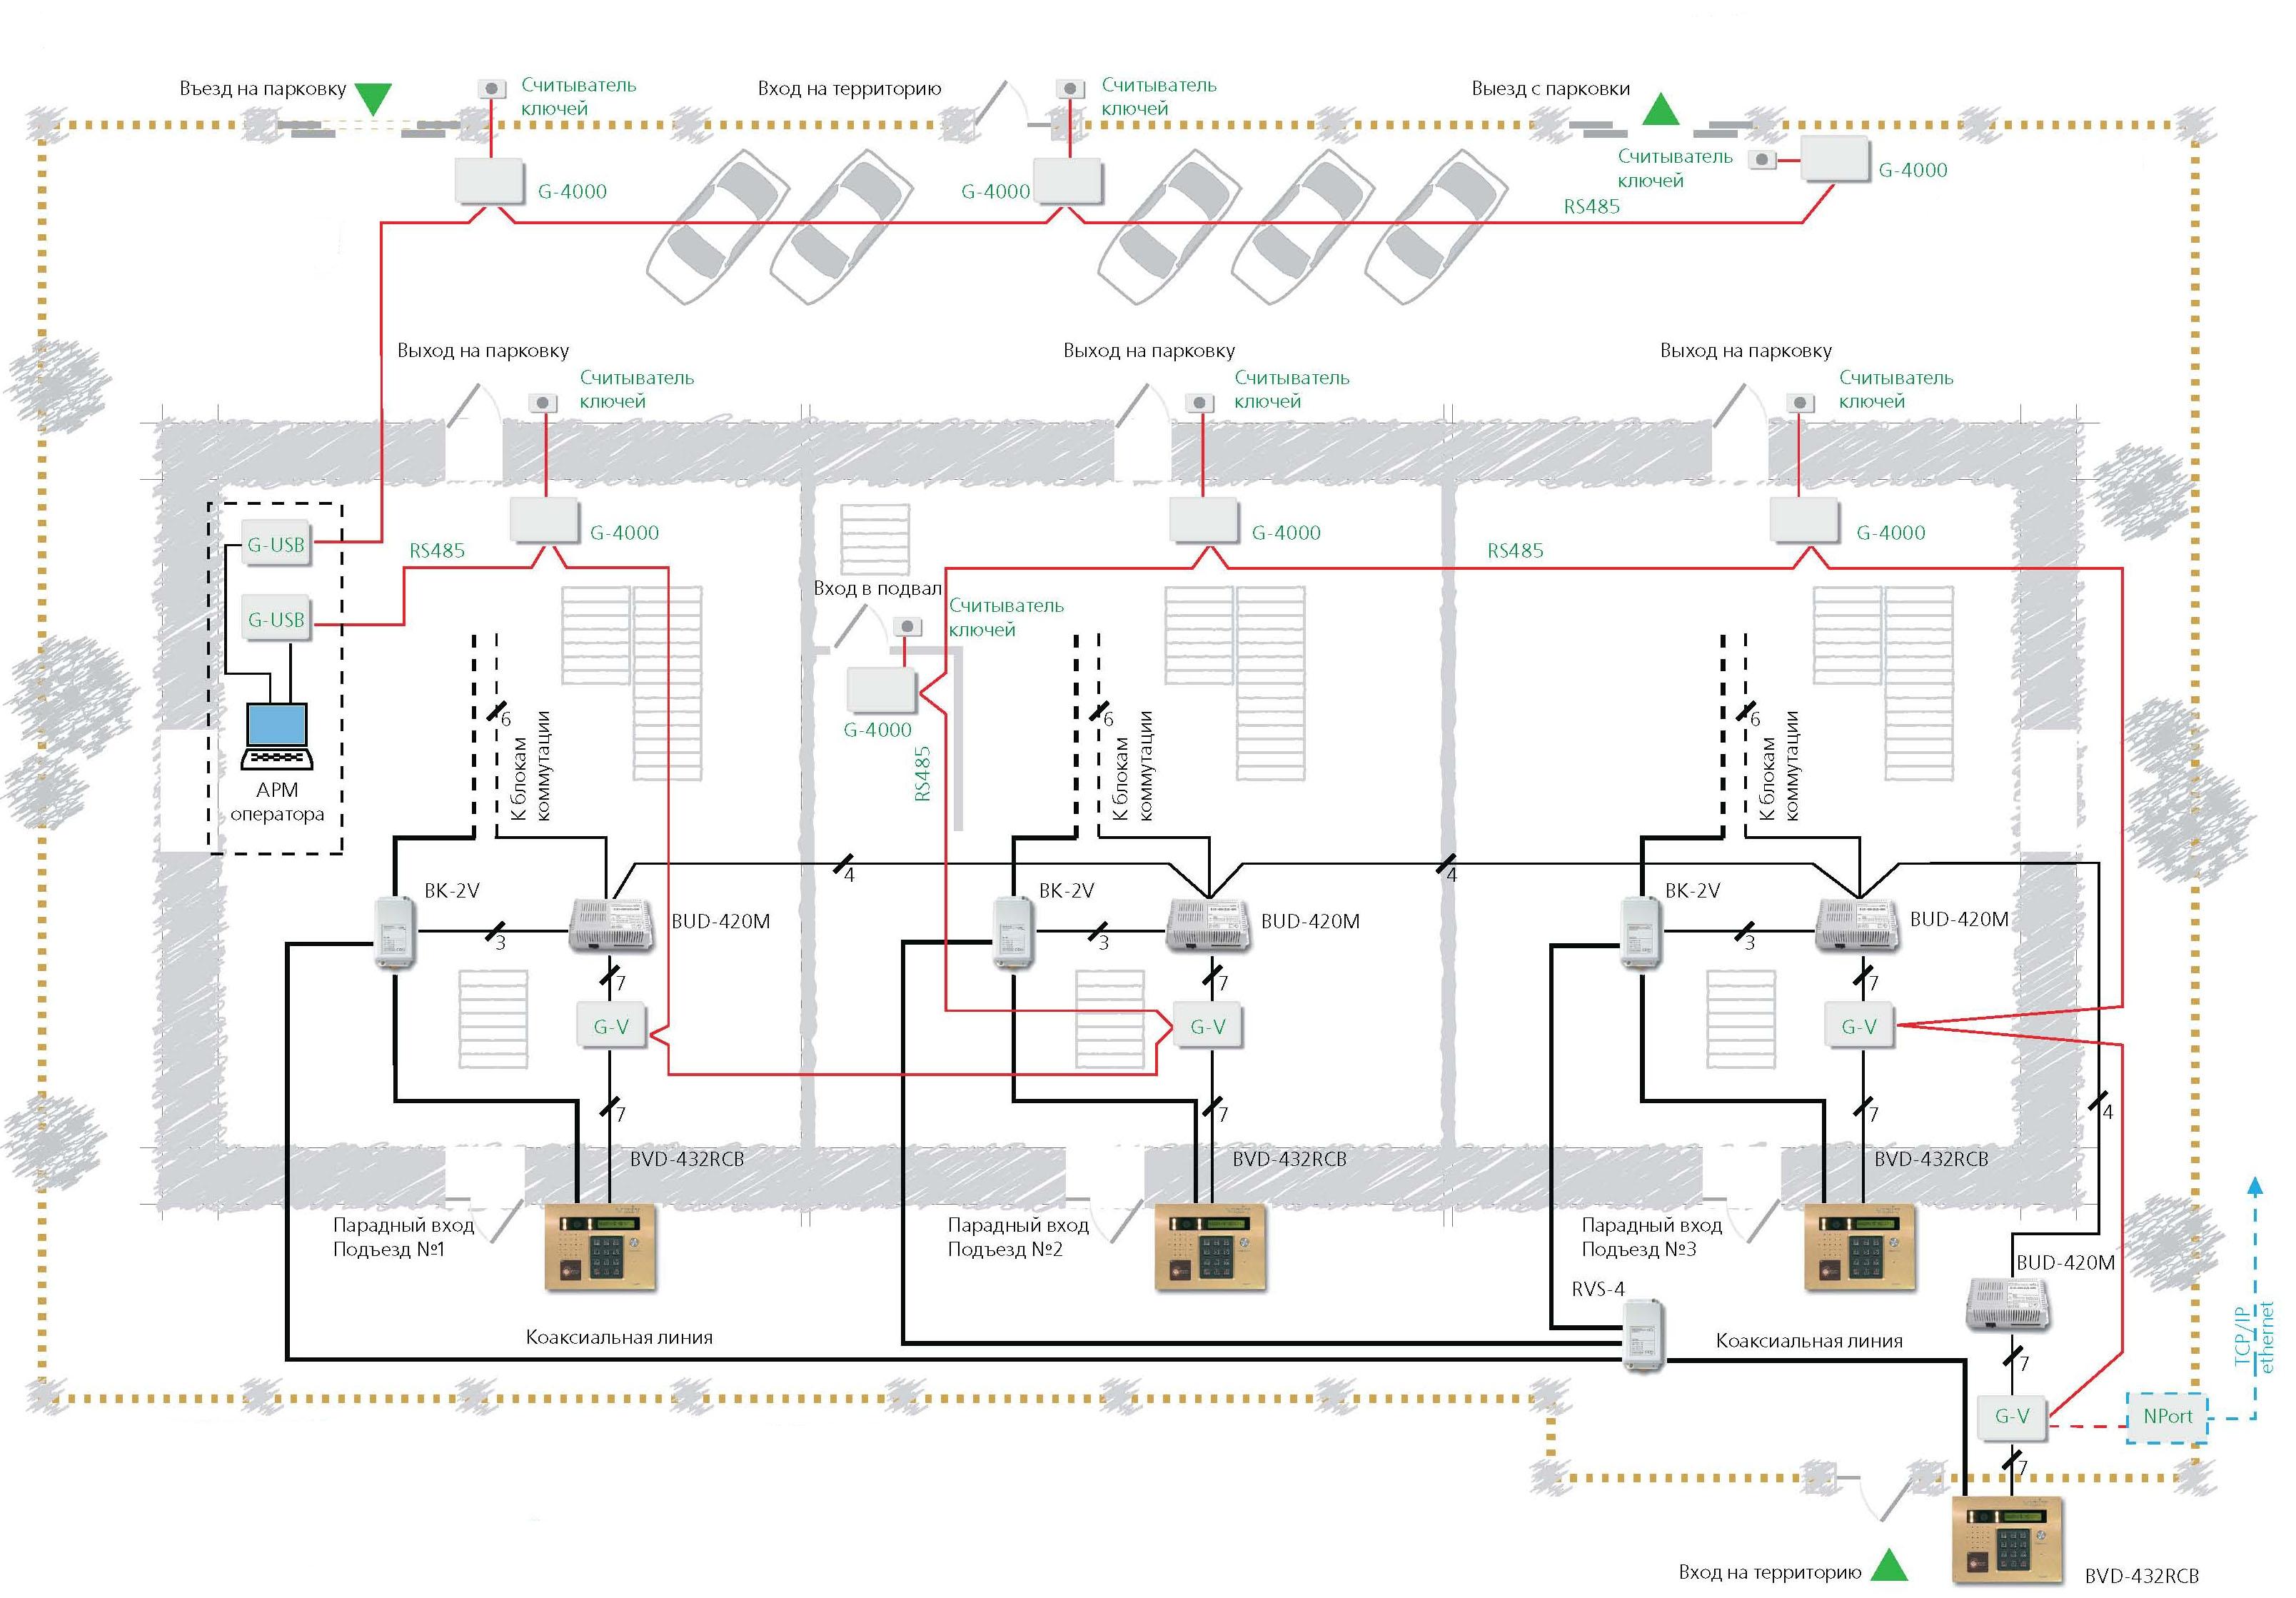 Схема подключения домофонов в многоквартирных домах